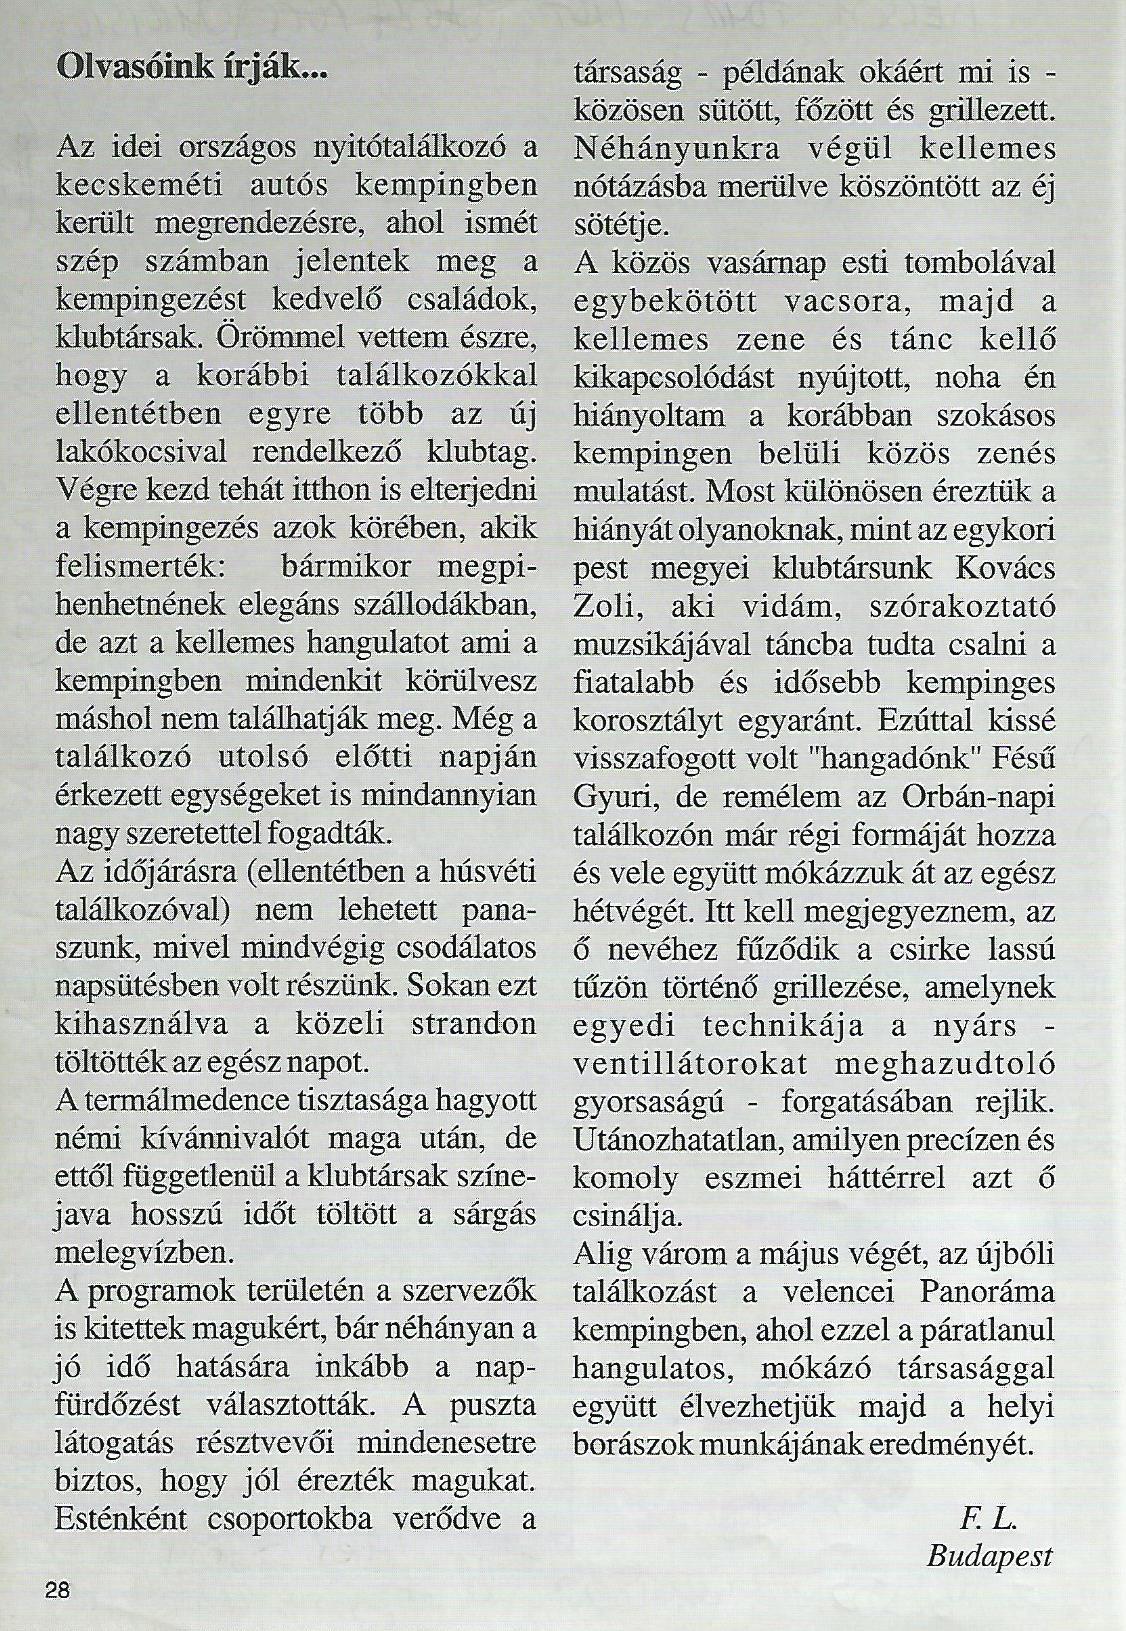 Karavándor magazin 2001. Nyár, Olvasóink írják